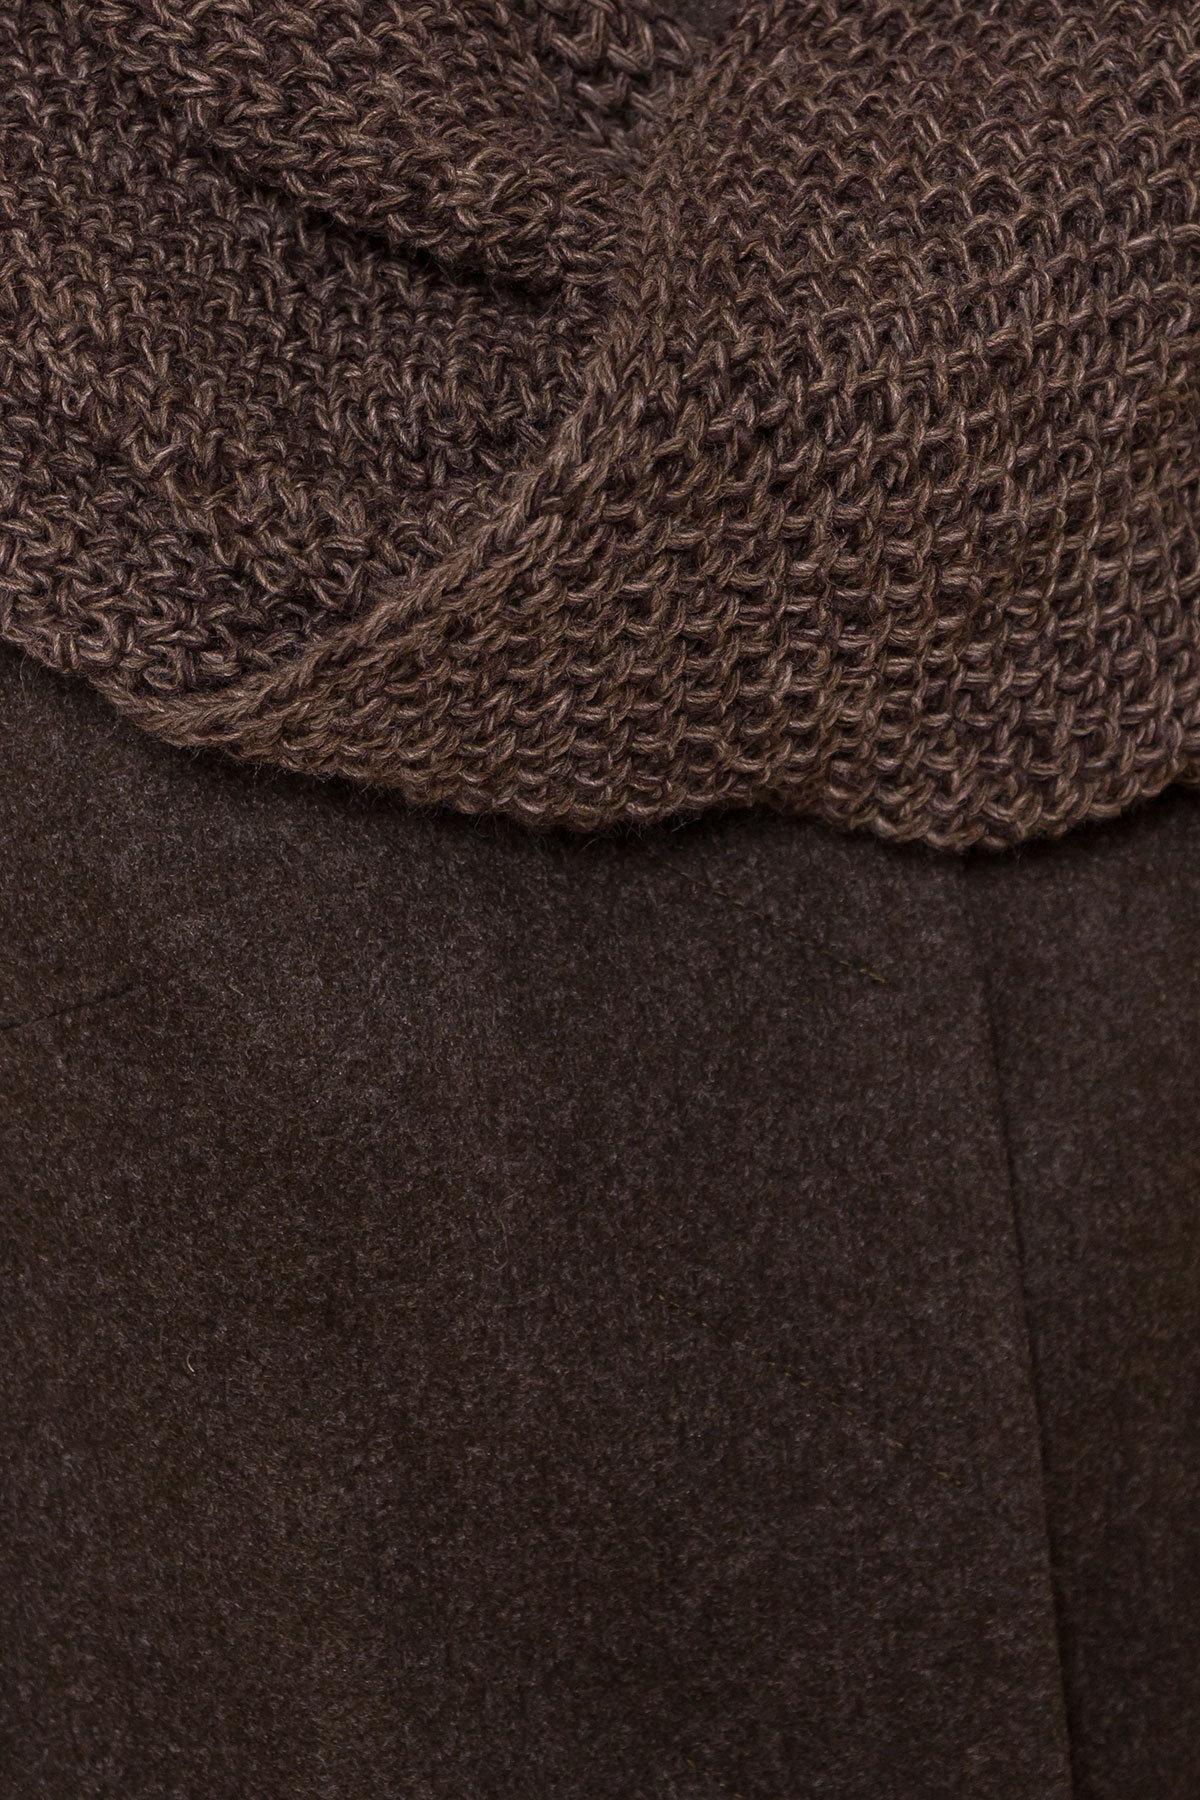 Зимнее пальто с хомутом Фортуна лайт 5802 АРТ. 40535 Цвет: Хаки 16 - фото 6, интернет магазин tm-modus.ru